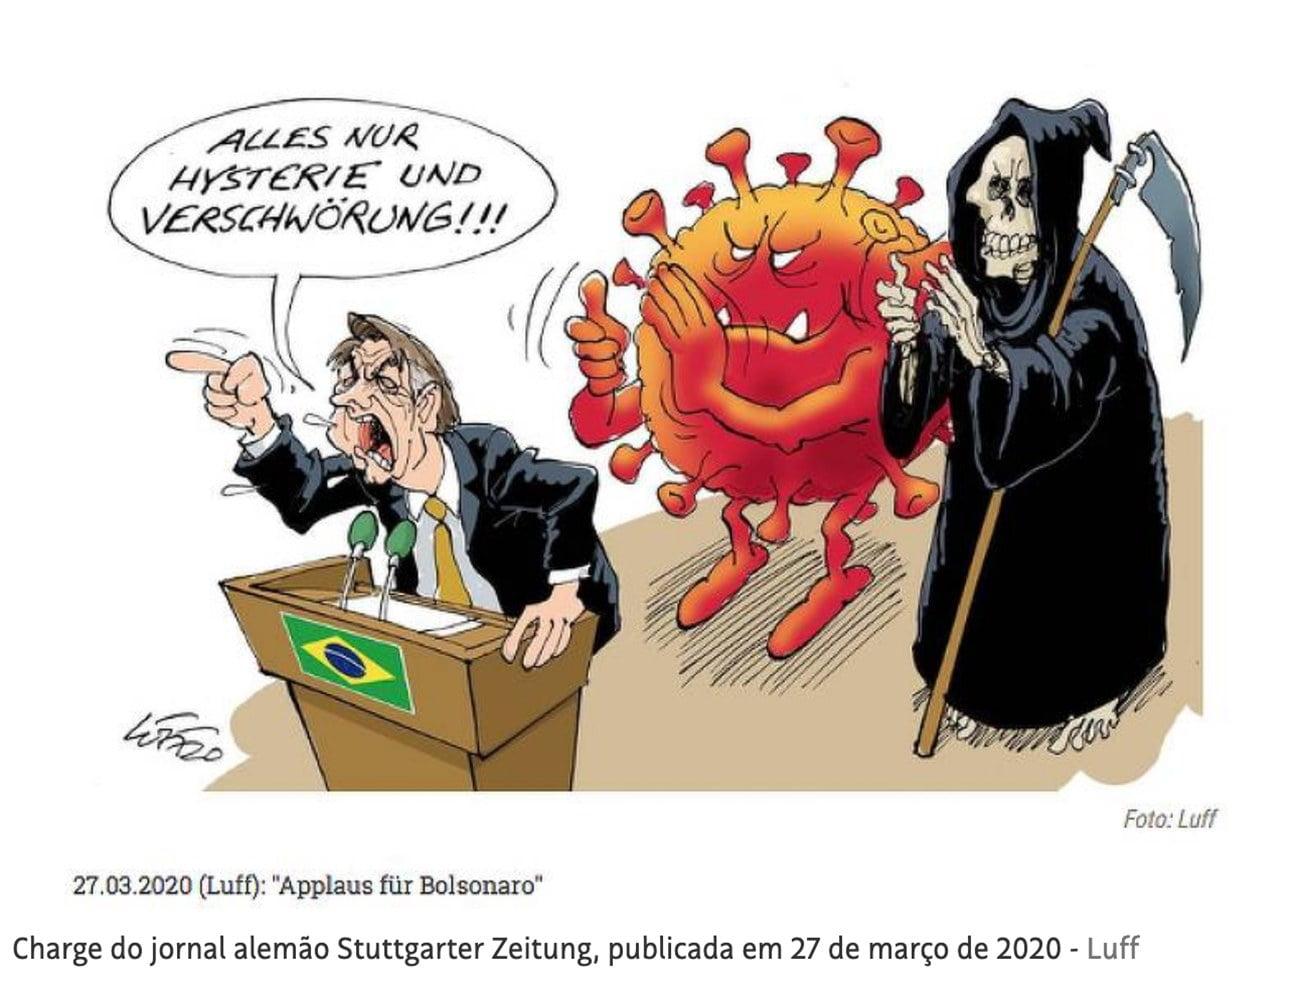 charge de jornal alemão sobre Bolsonaro e a covid-19